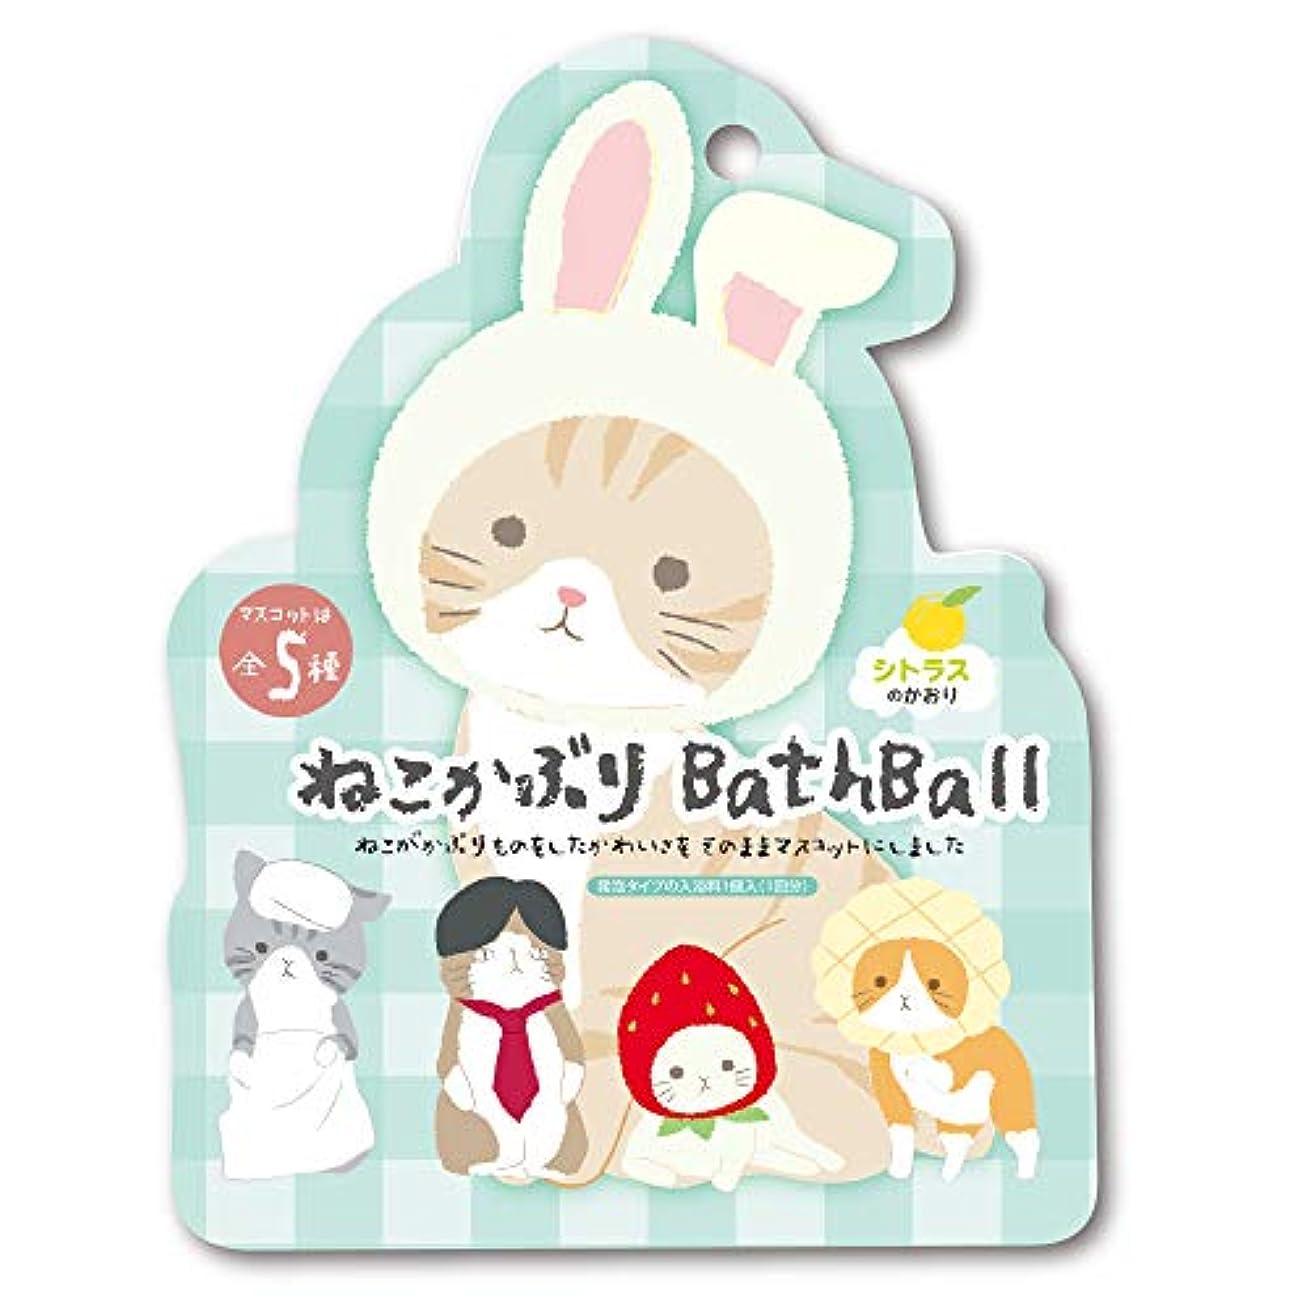 発疹ポーチ申し立てるねこかぶり 入浴剤 バスボール おまけ付き シトラスの香り 50g OB-NEB-3-1